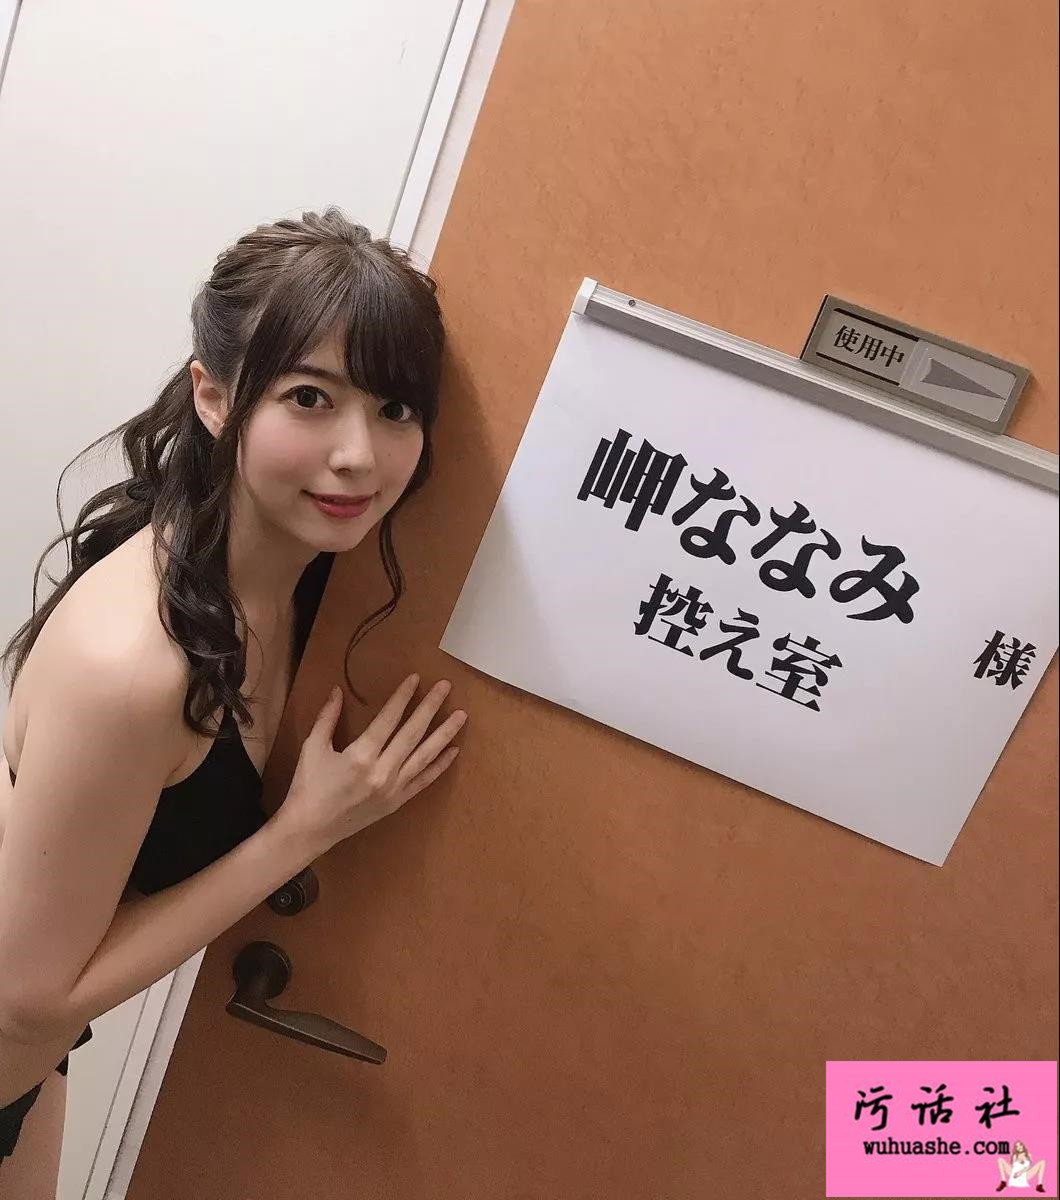 妹子图三島奈津子的图片 第13张